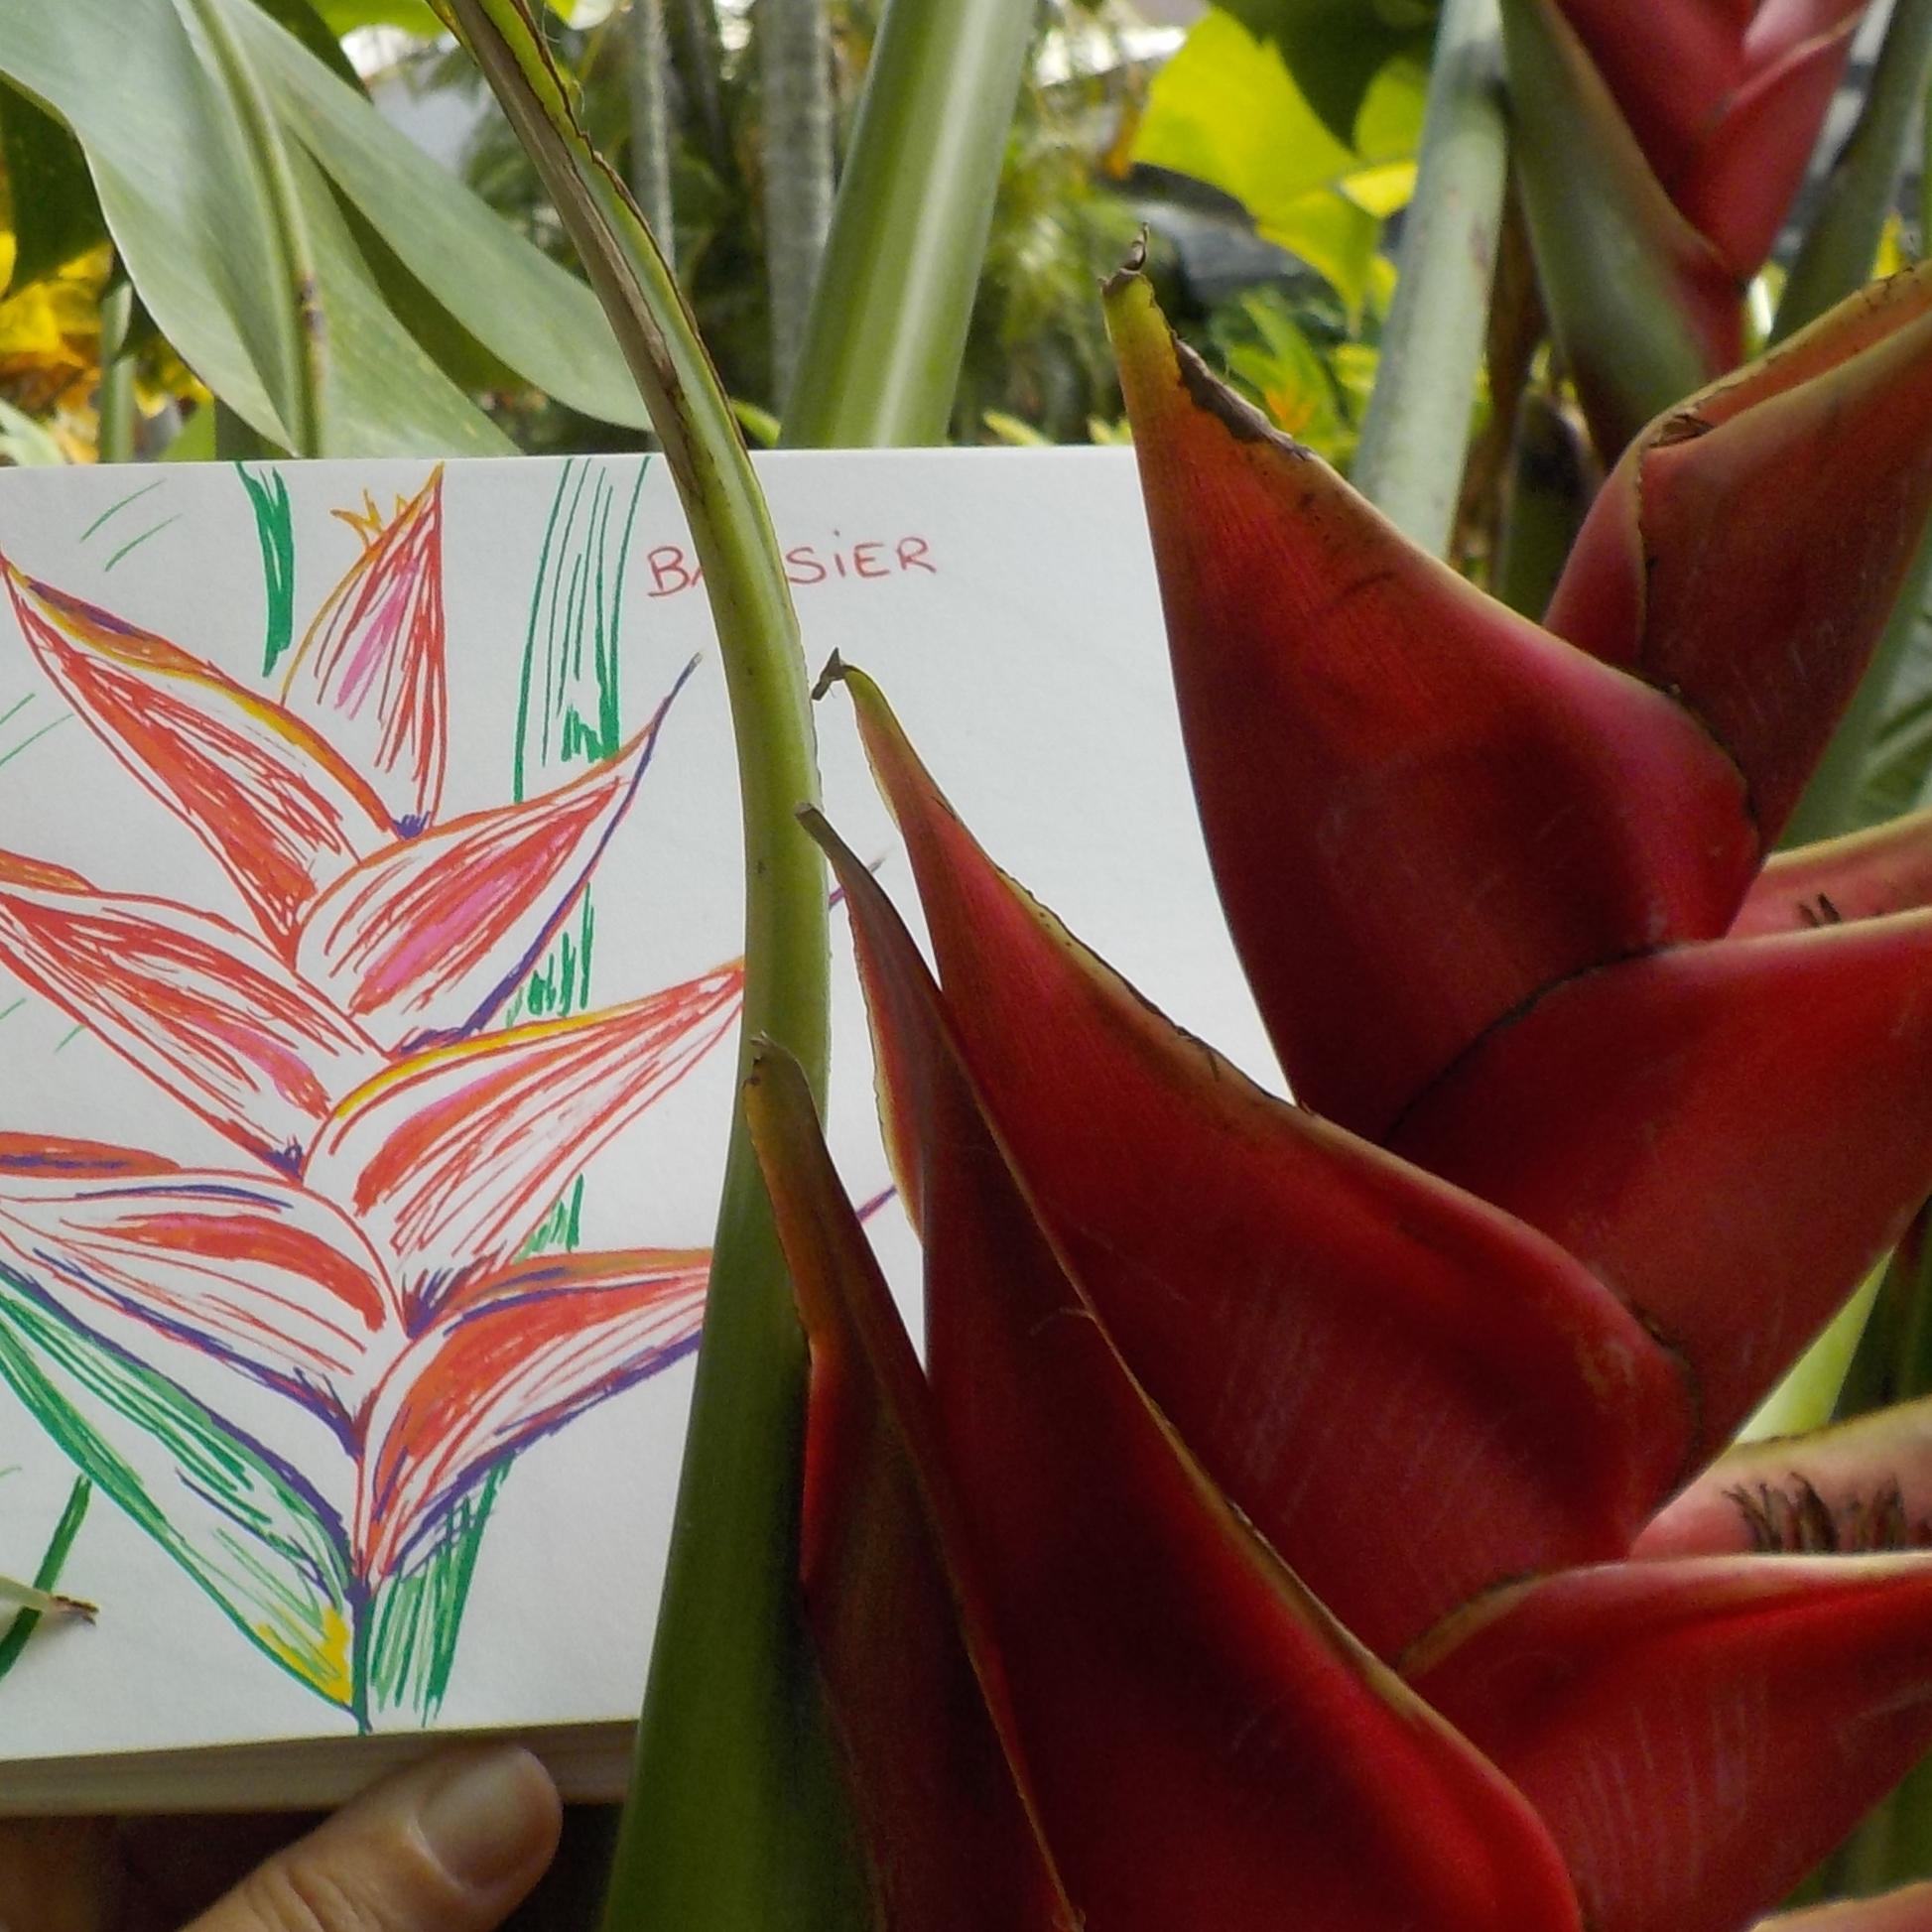 balisier fleur dessin rouge plante tropicale antilles